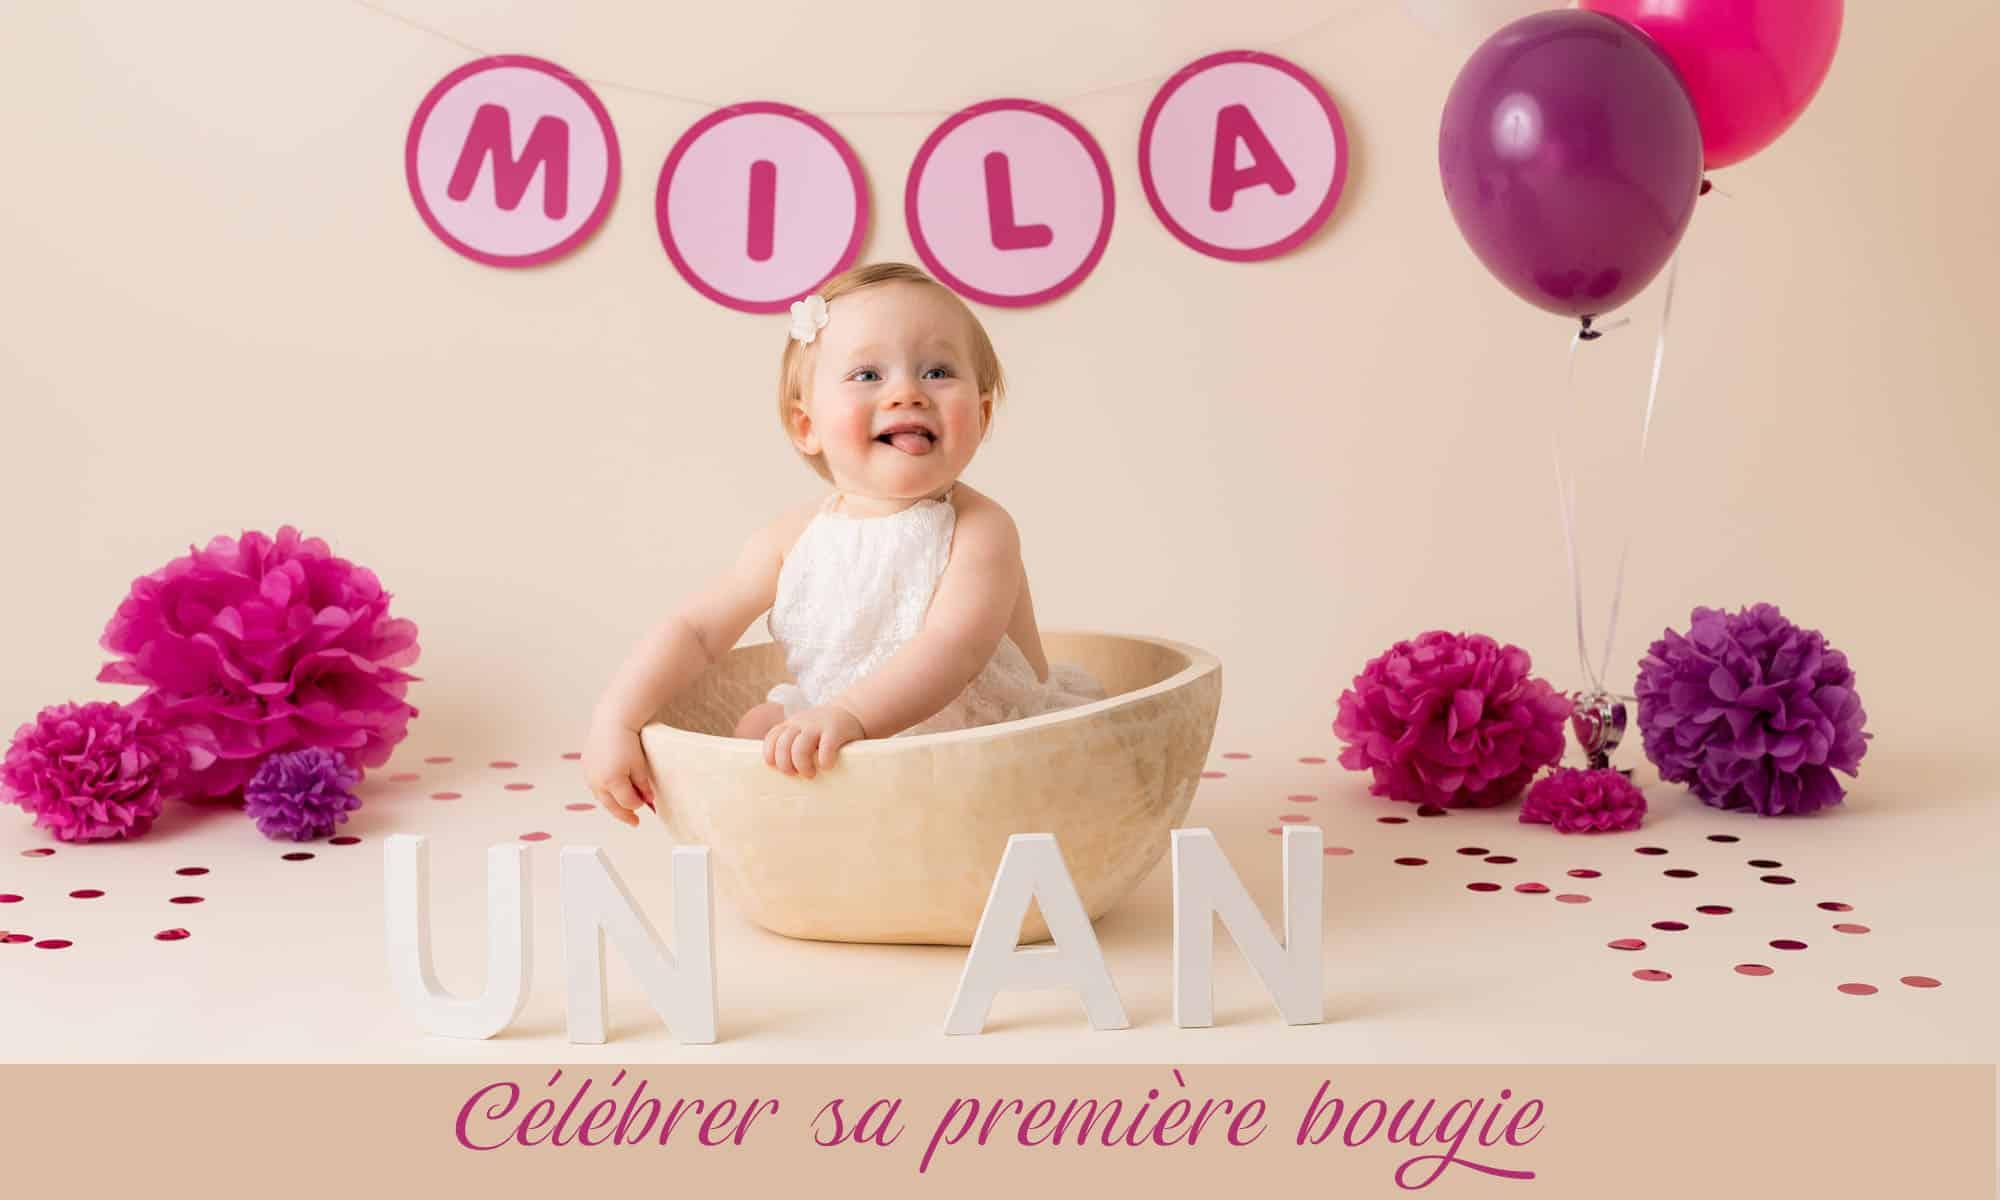 photographe anniversaire bébé smash the cake Yvelines 78